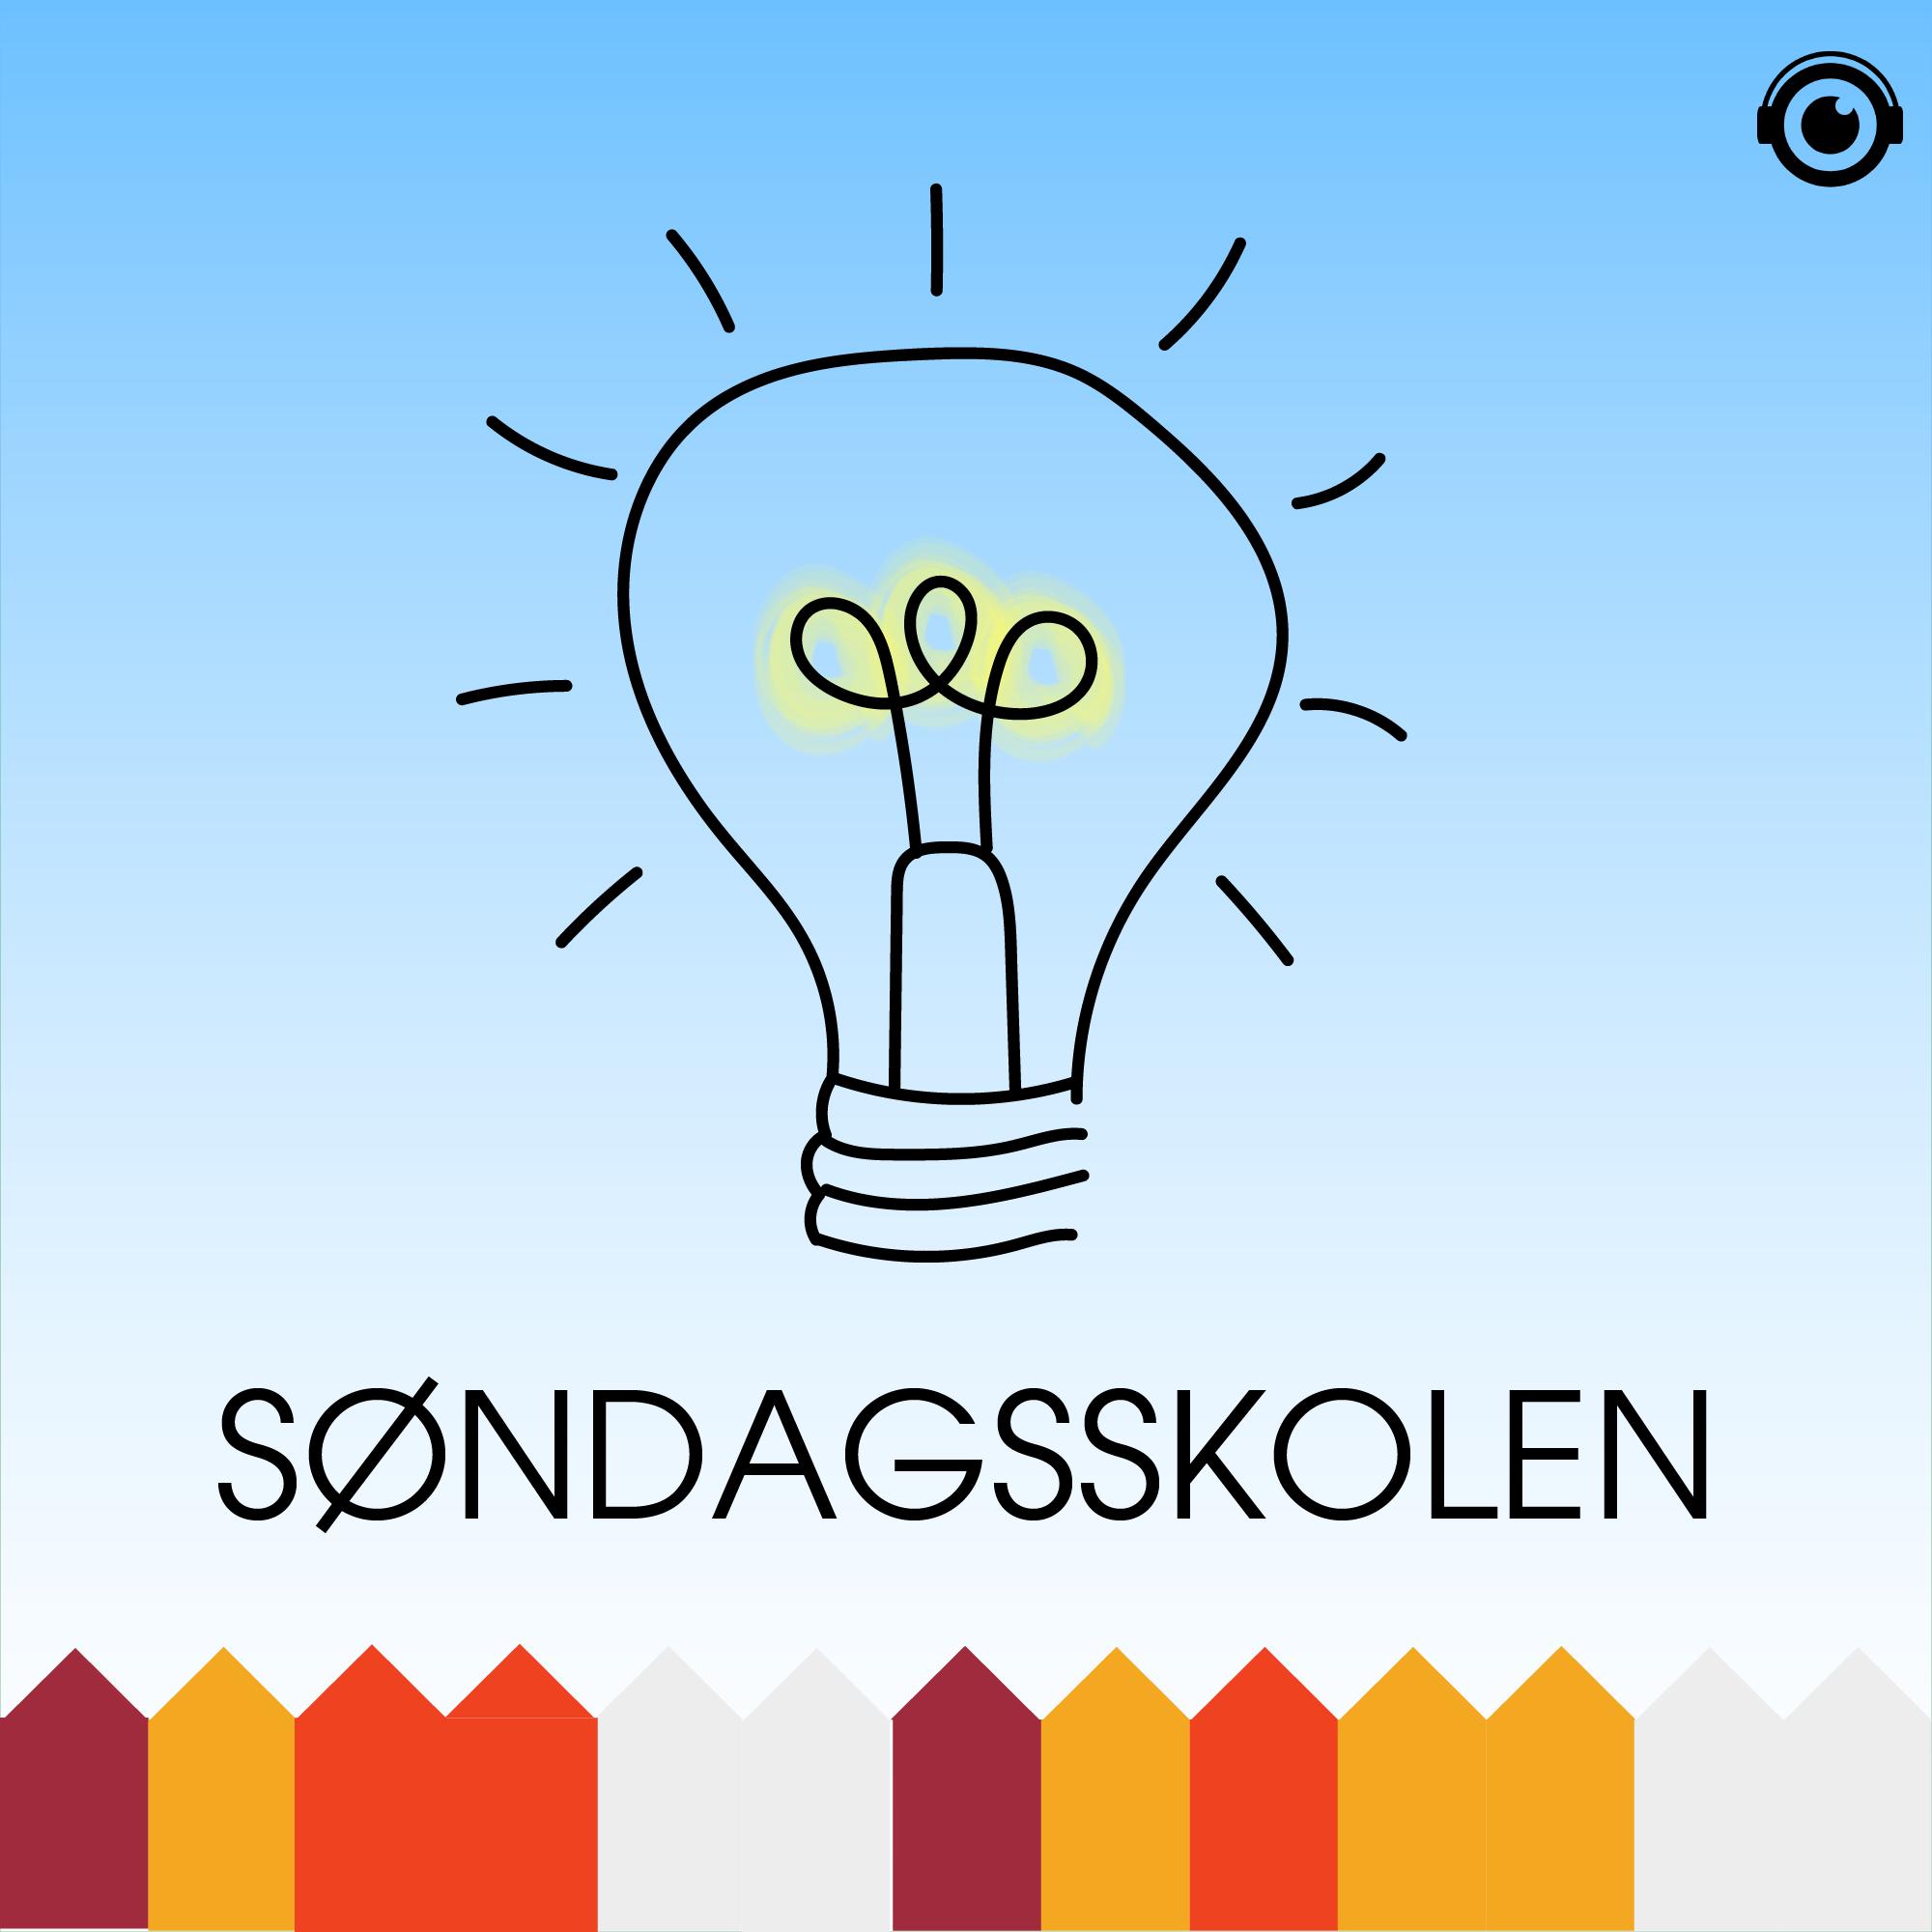 Søndagsskolen logo